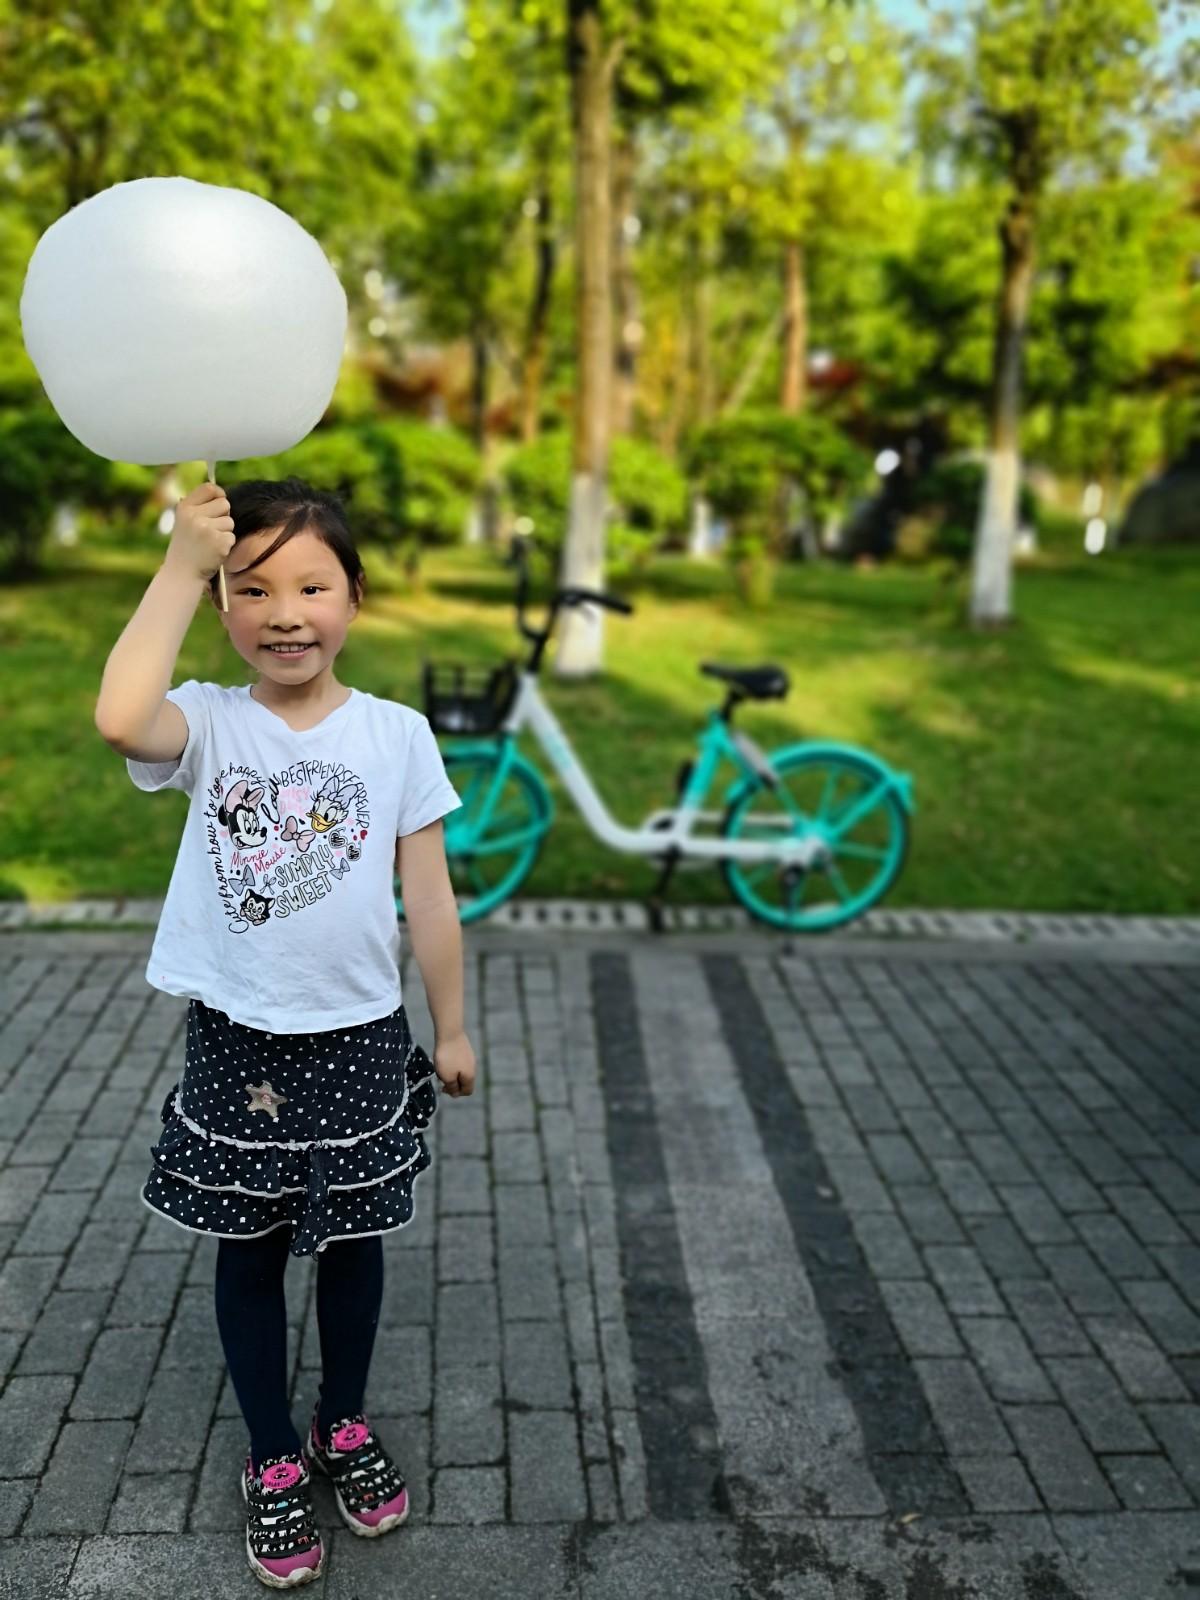 蓝蓝的天 《快乐荫童》 HUAWEI.jpg